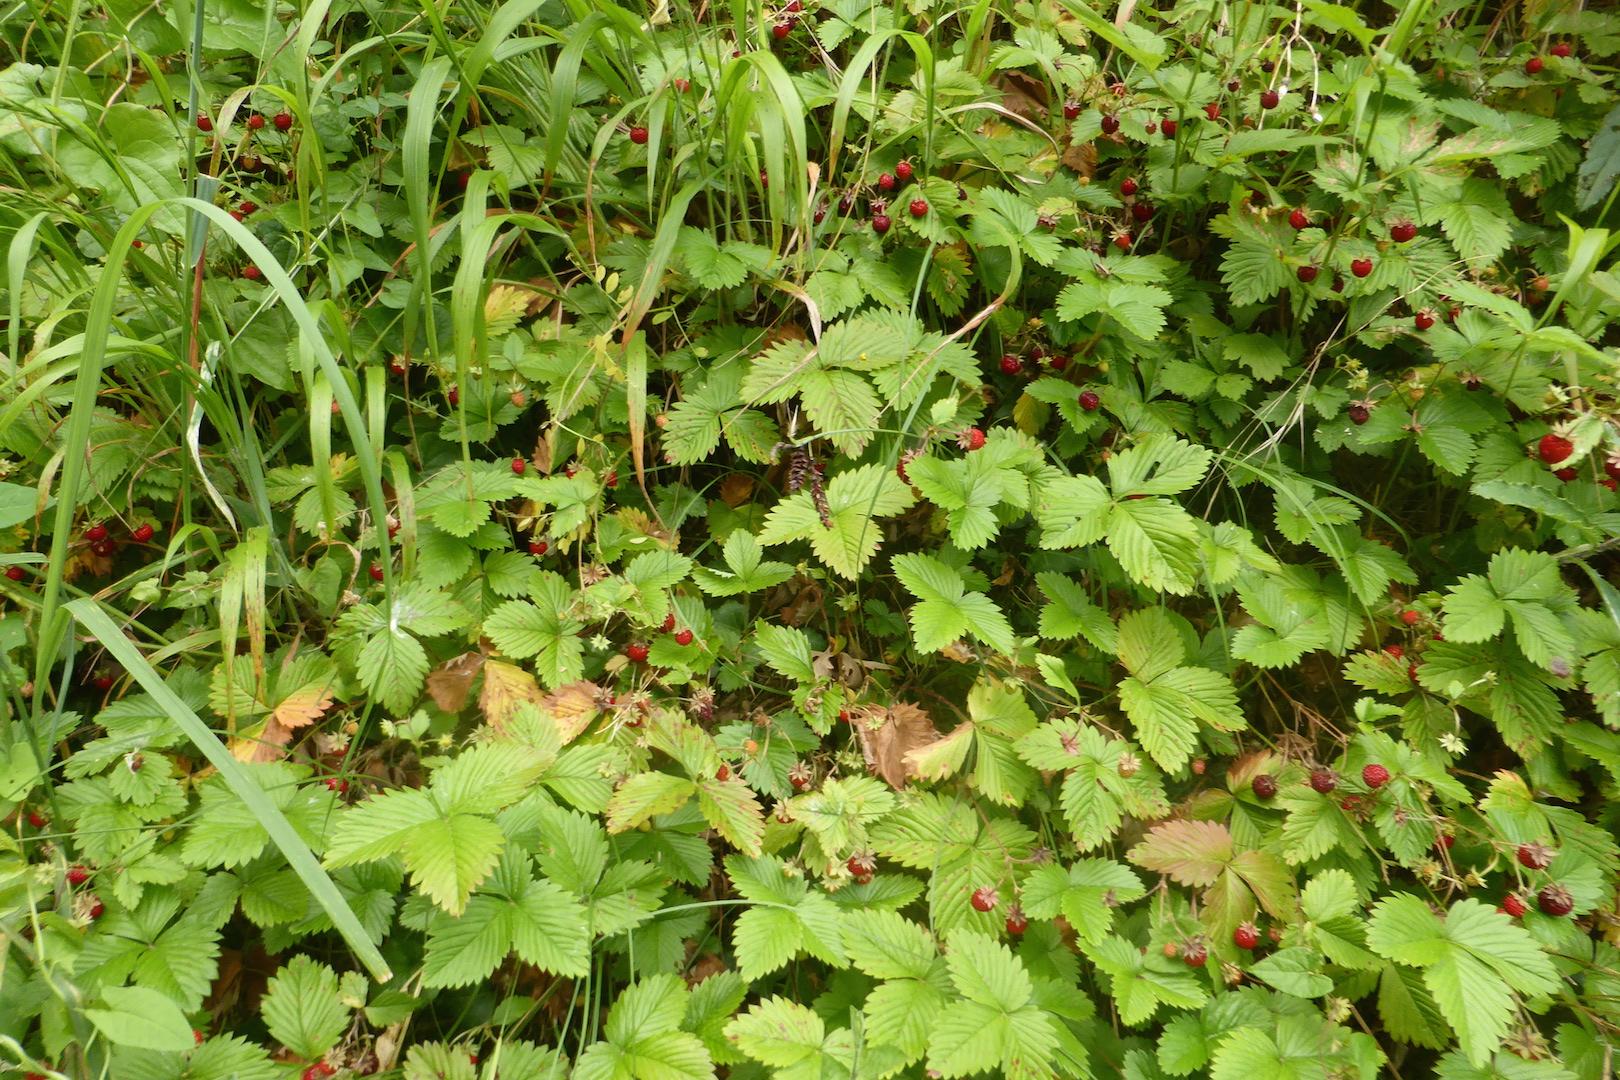 Le gisement de fraises des bois dans la descente du n°14